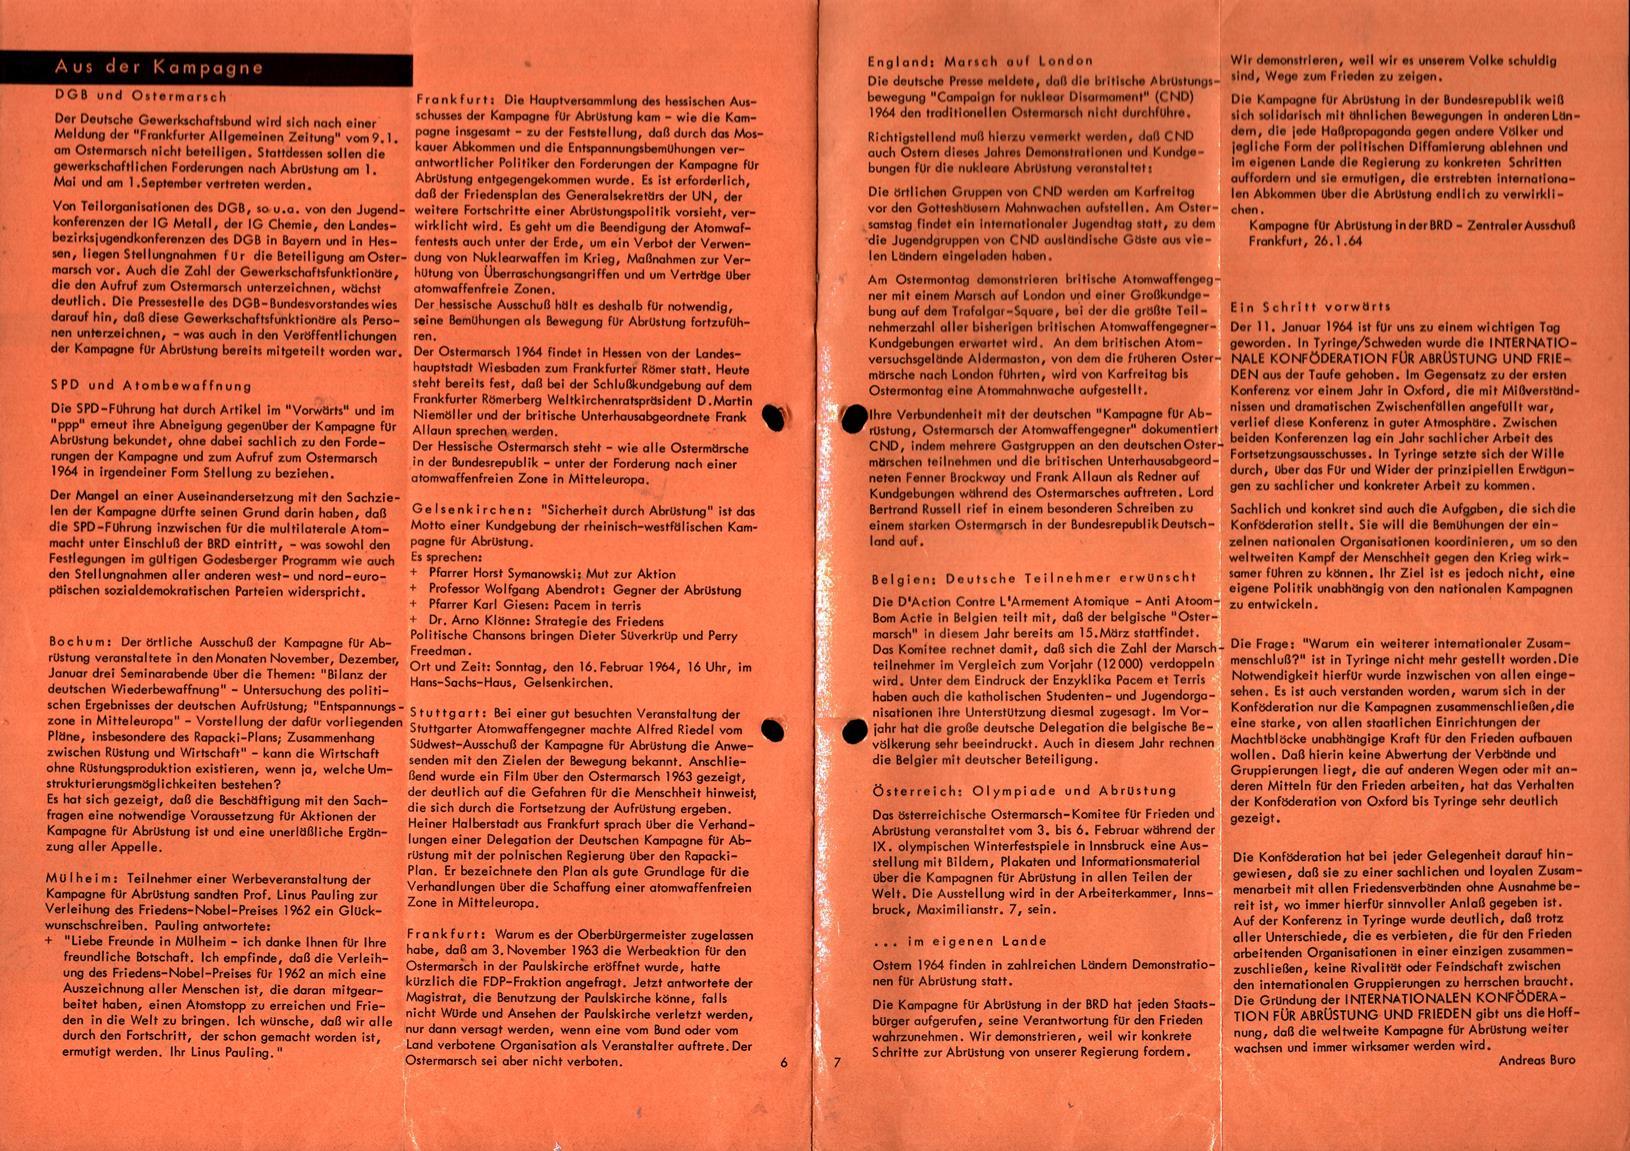 Infos_zur_Abruestung_1964_006_004